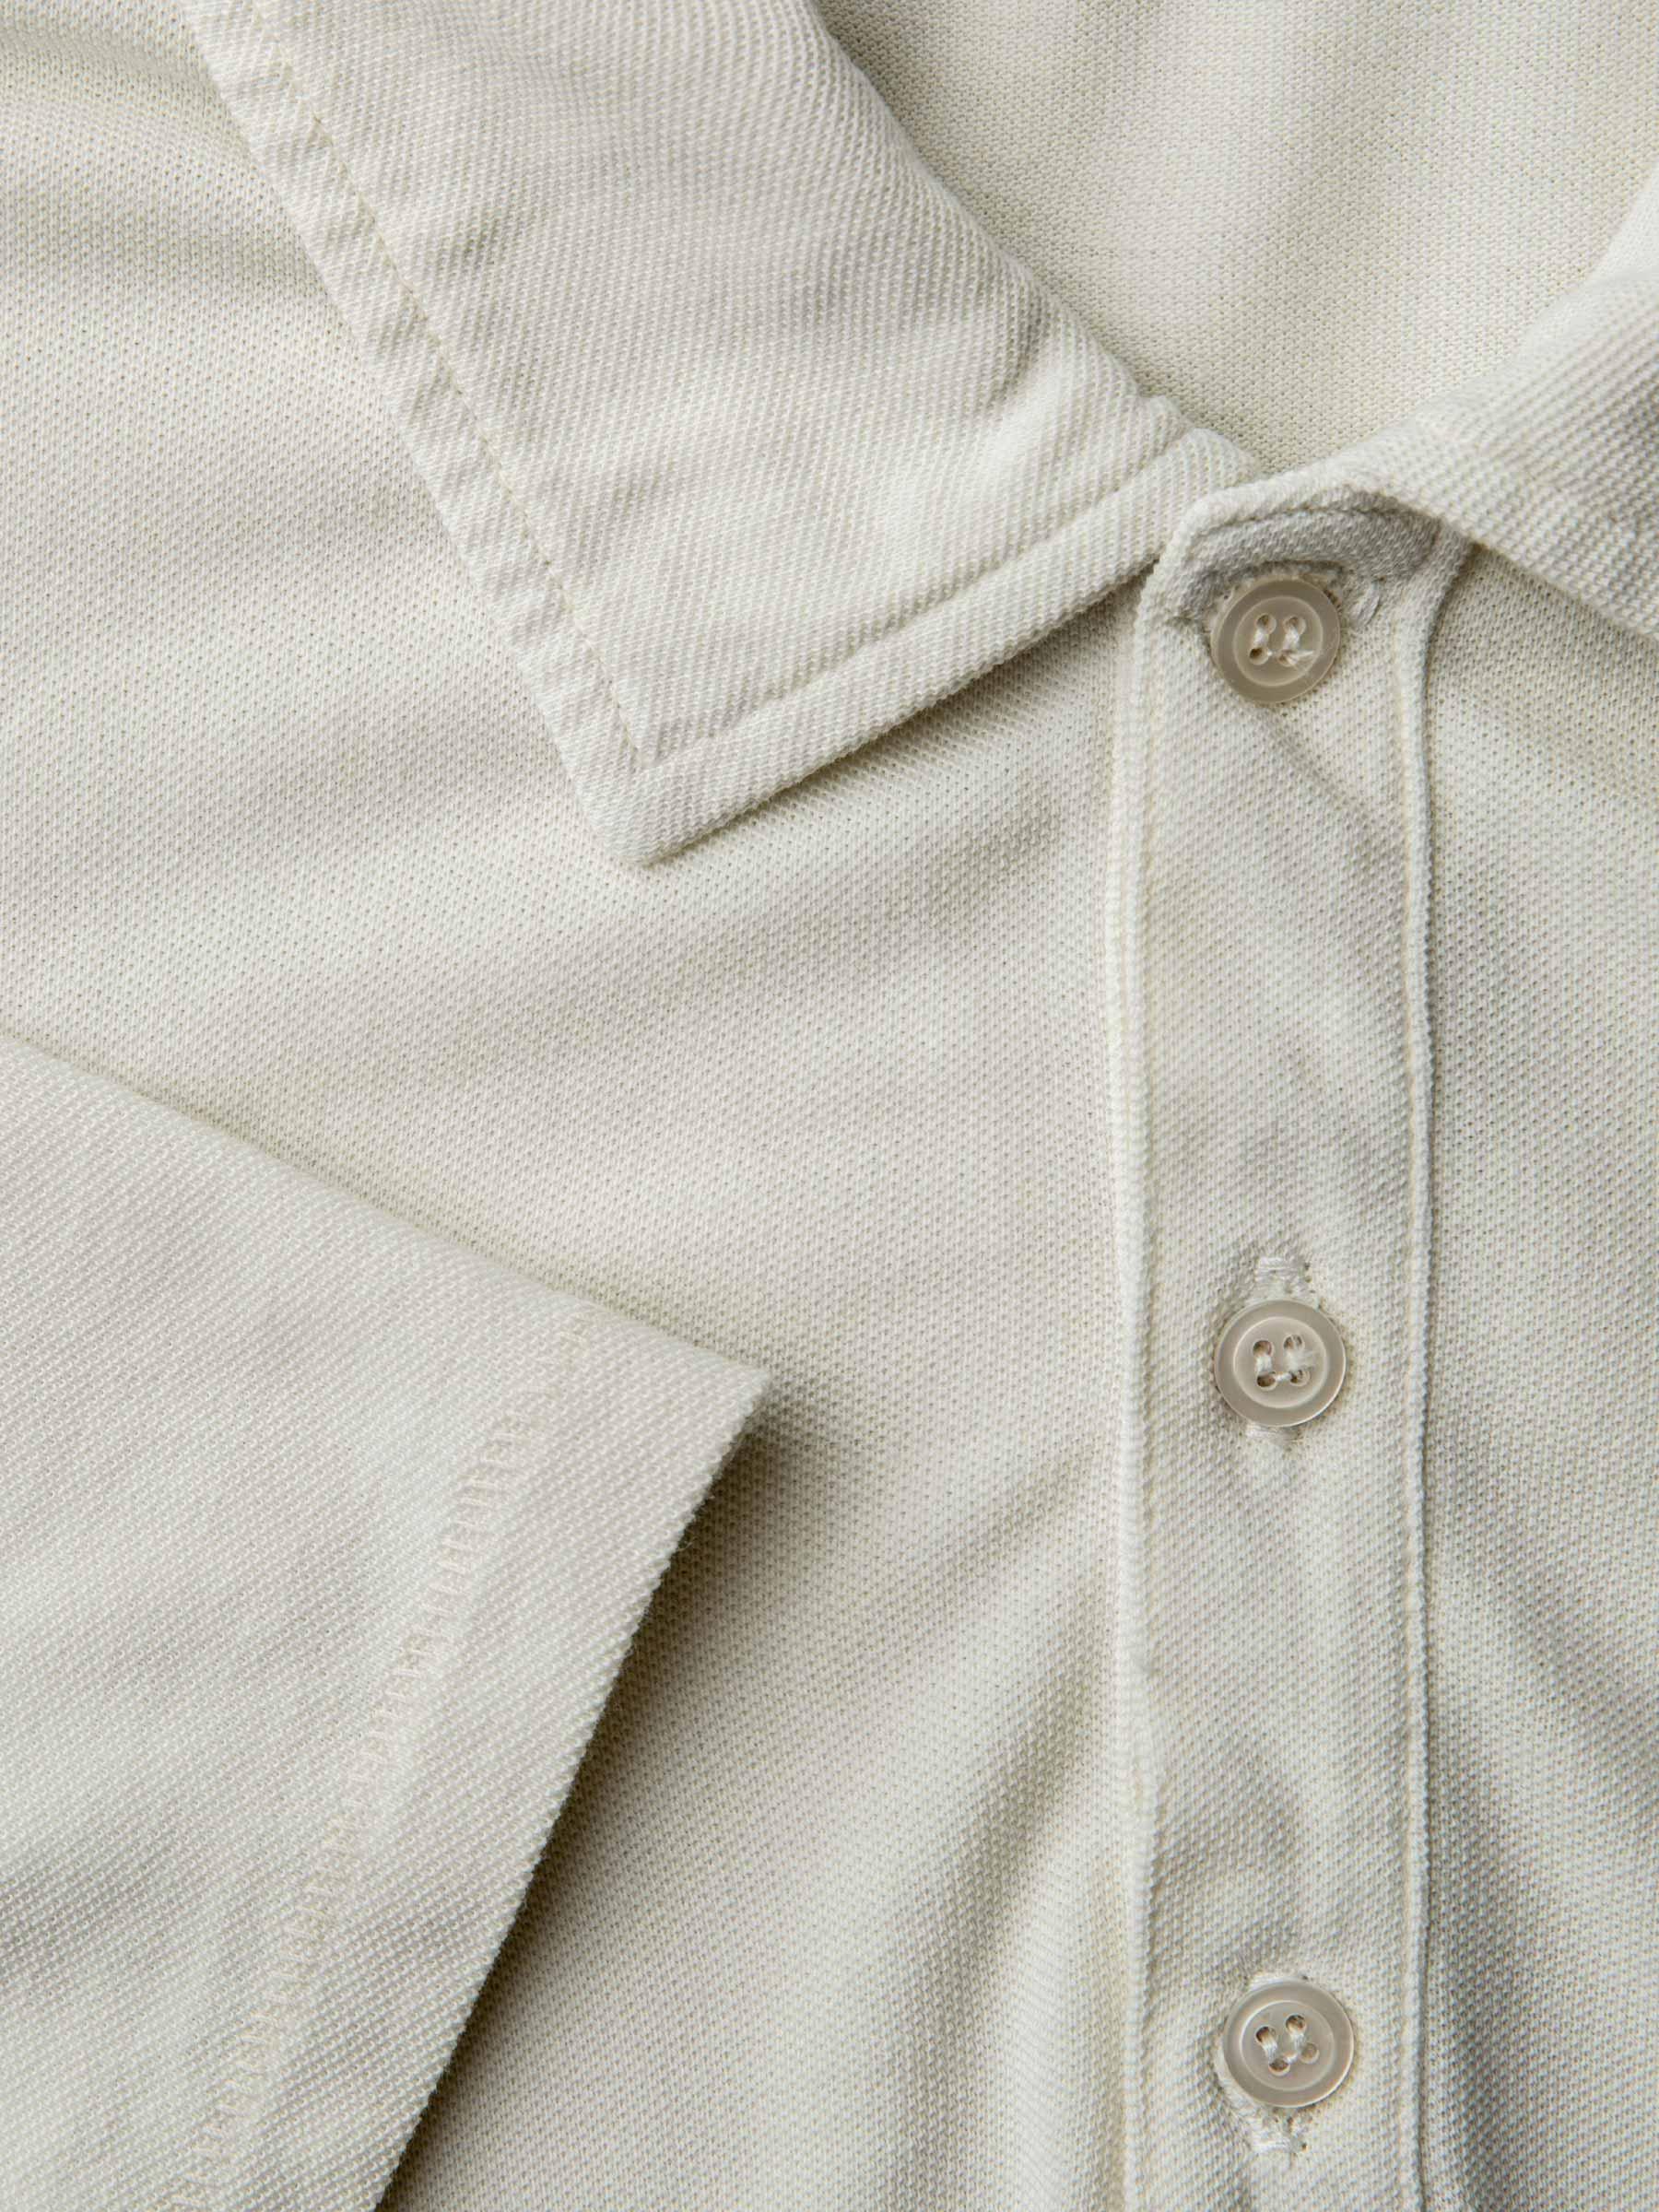 Buck Mason - Atlantic Venice Wash Pique Polo Shirt